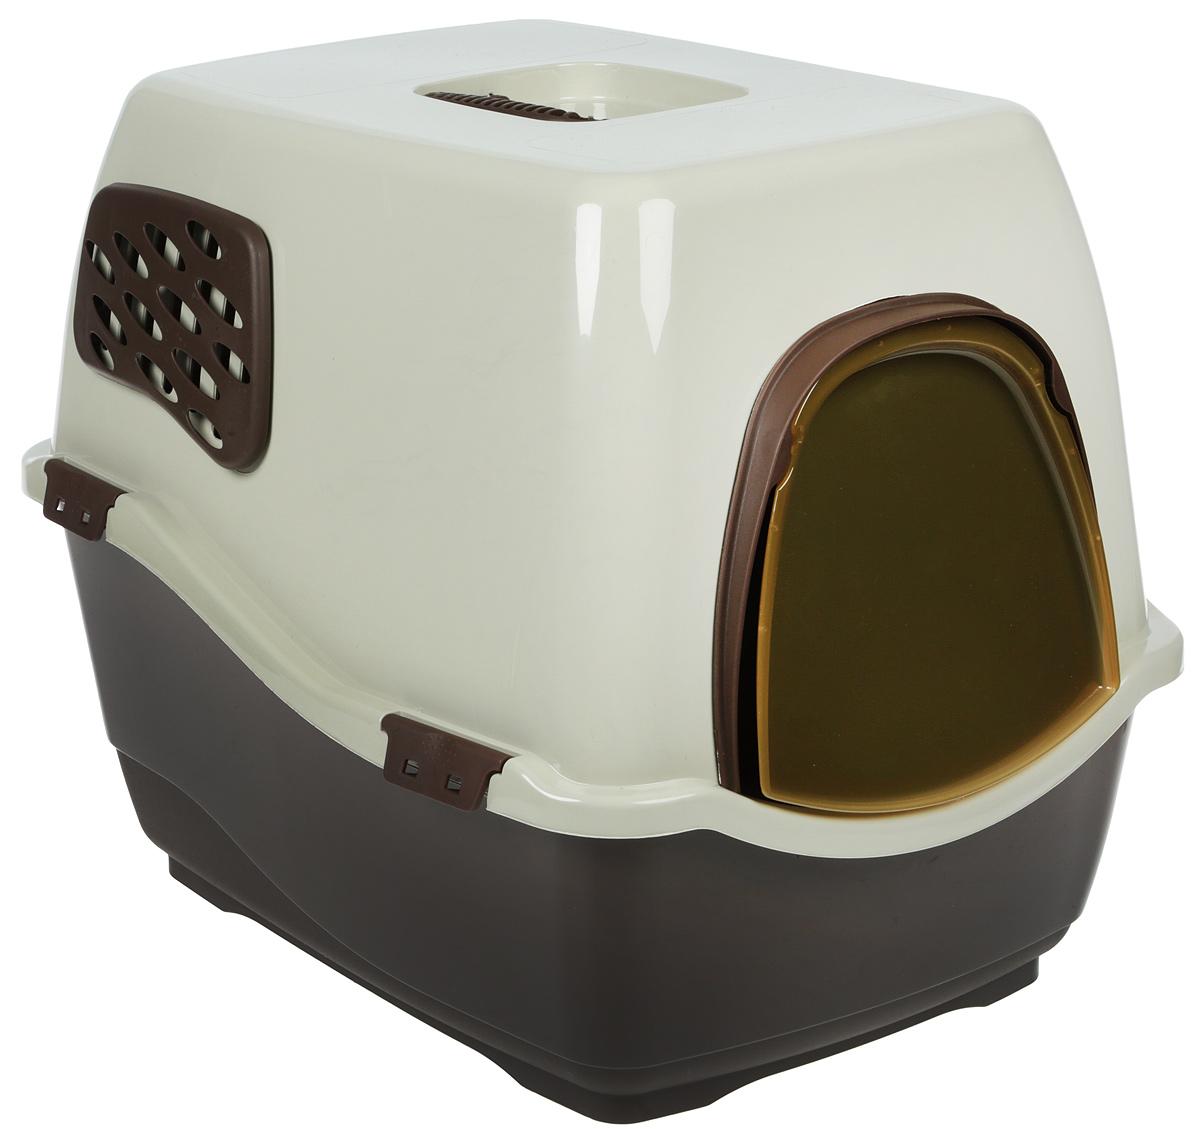 Био-туалет для животных Marchioro Bill 1F, цвет: серый, коричневый, 50 х 40 х 42 см туалет для кошек curver pet life закрытый цвет кремово коричневый 51 х 39 х 40 см